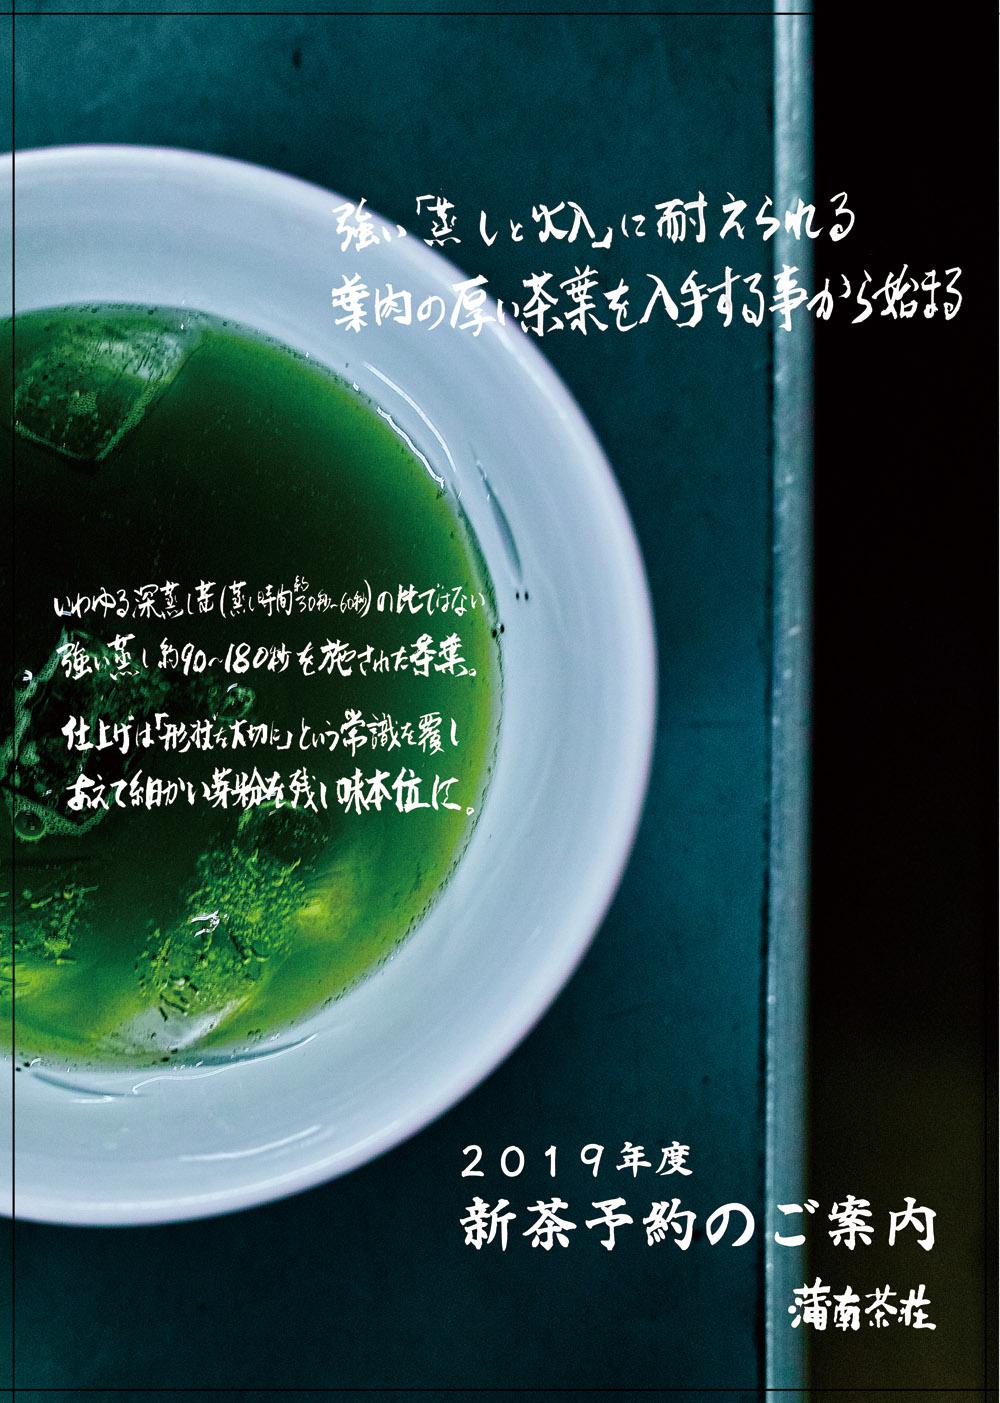 新茶案内_2019_1_表.jpg